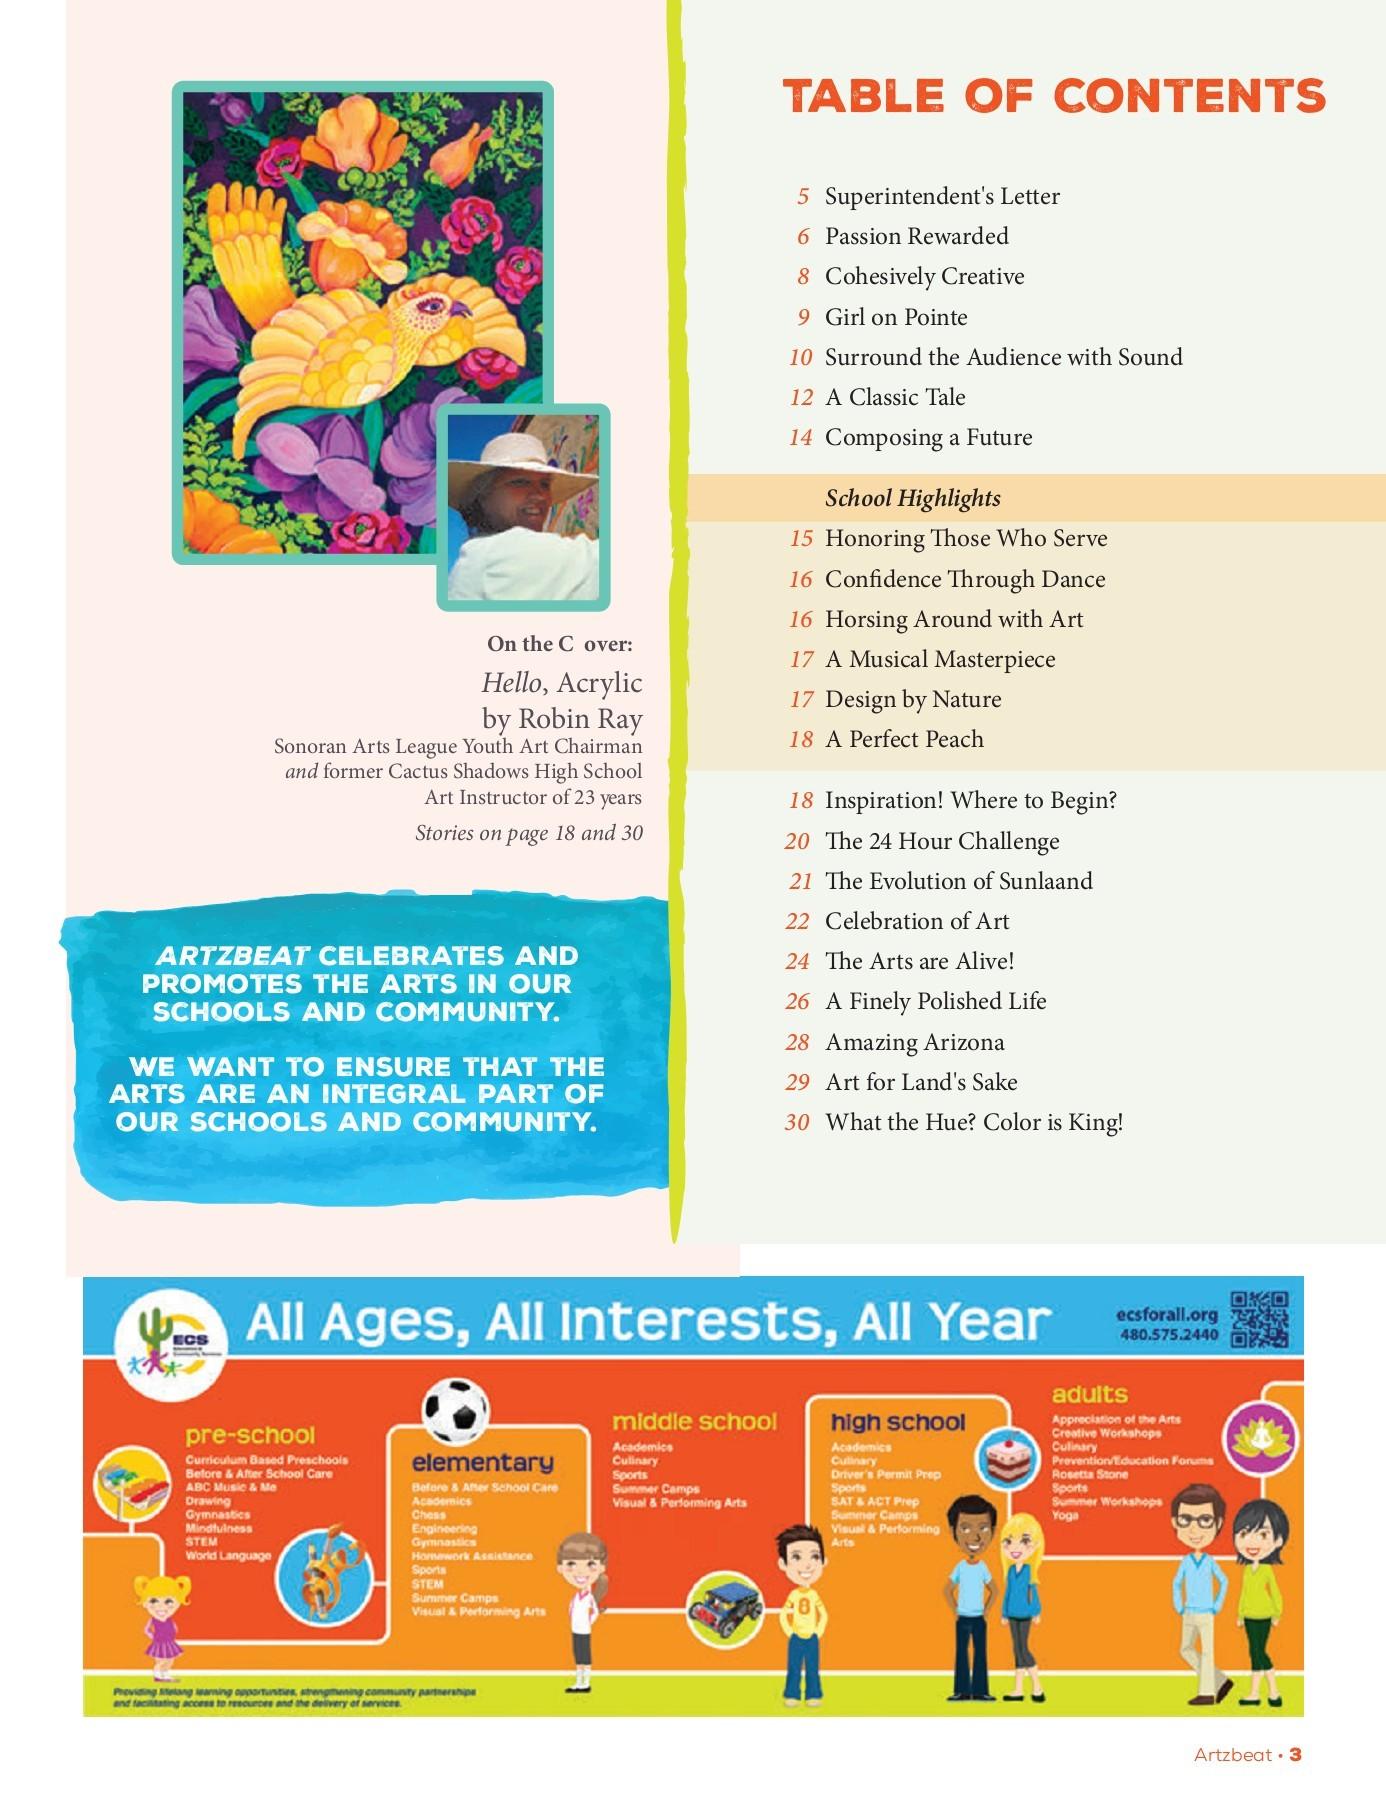 Cactus Shadows Fine Art Center - Education & Community Services